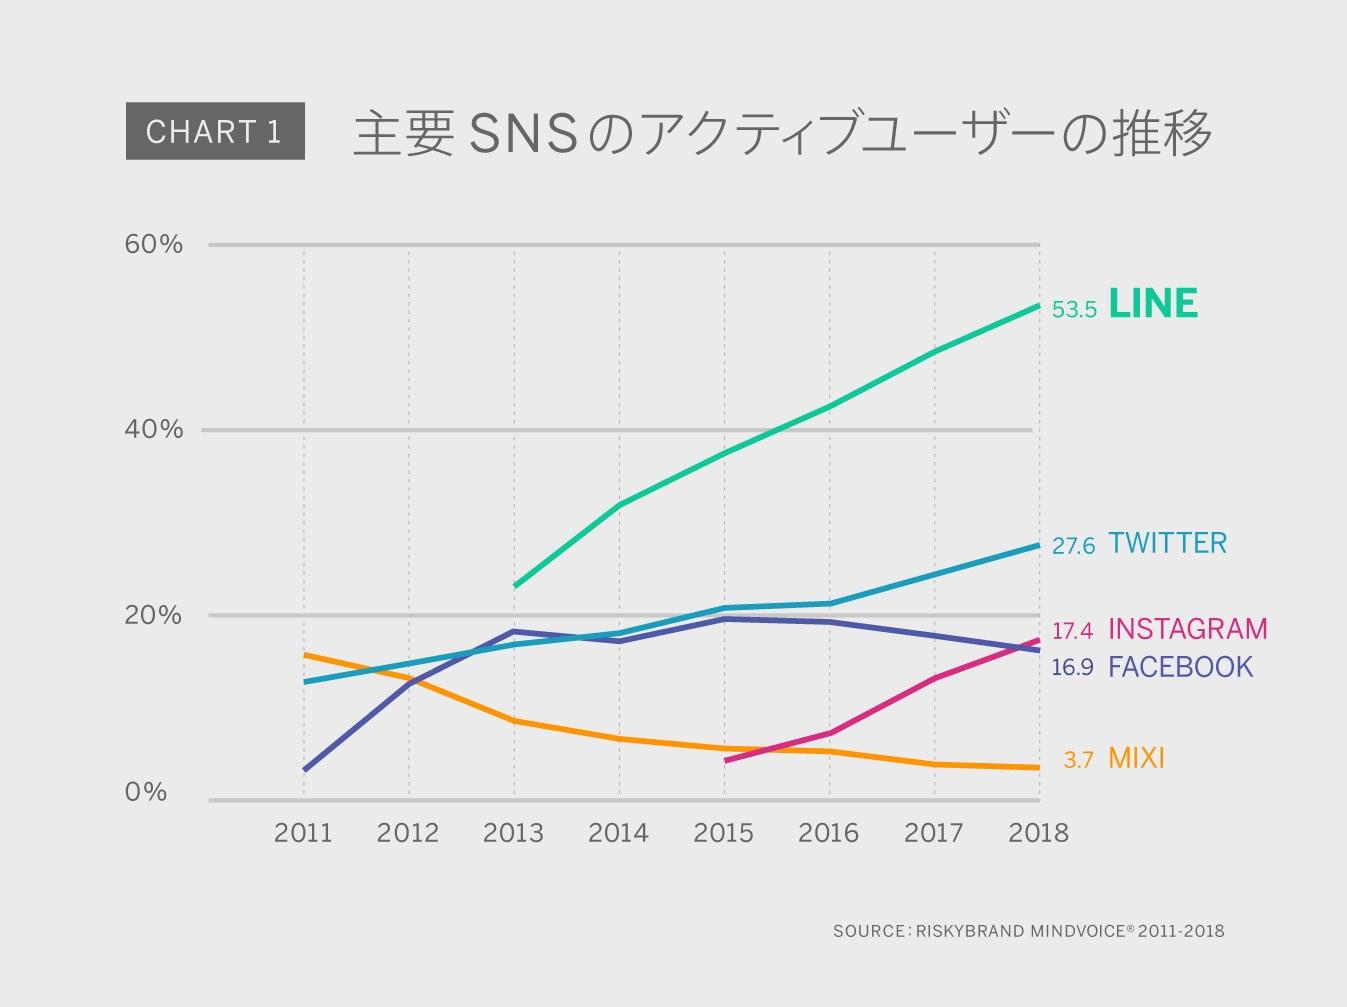 主要SNSのアクティブユーザー率(全体に対するアクティブユーザーの割合)の推移を示したチャート|あんしん浮気調査